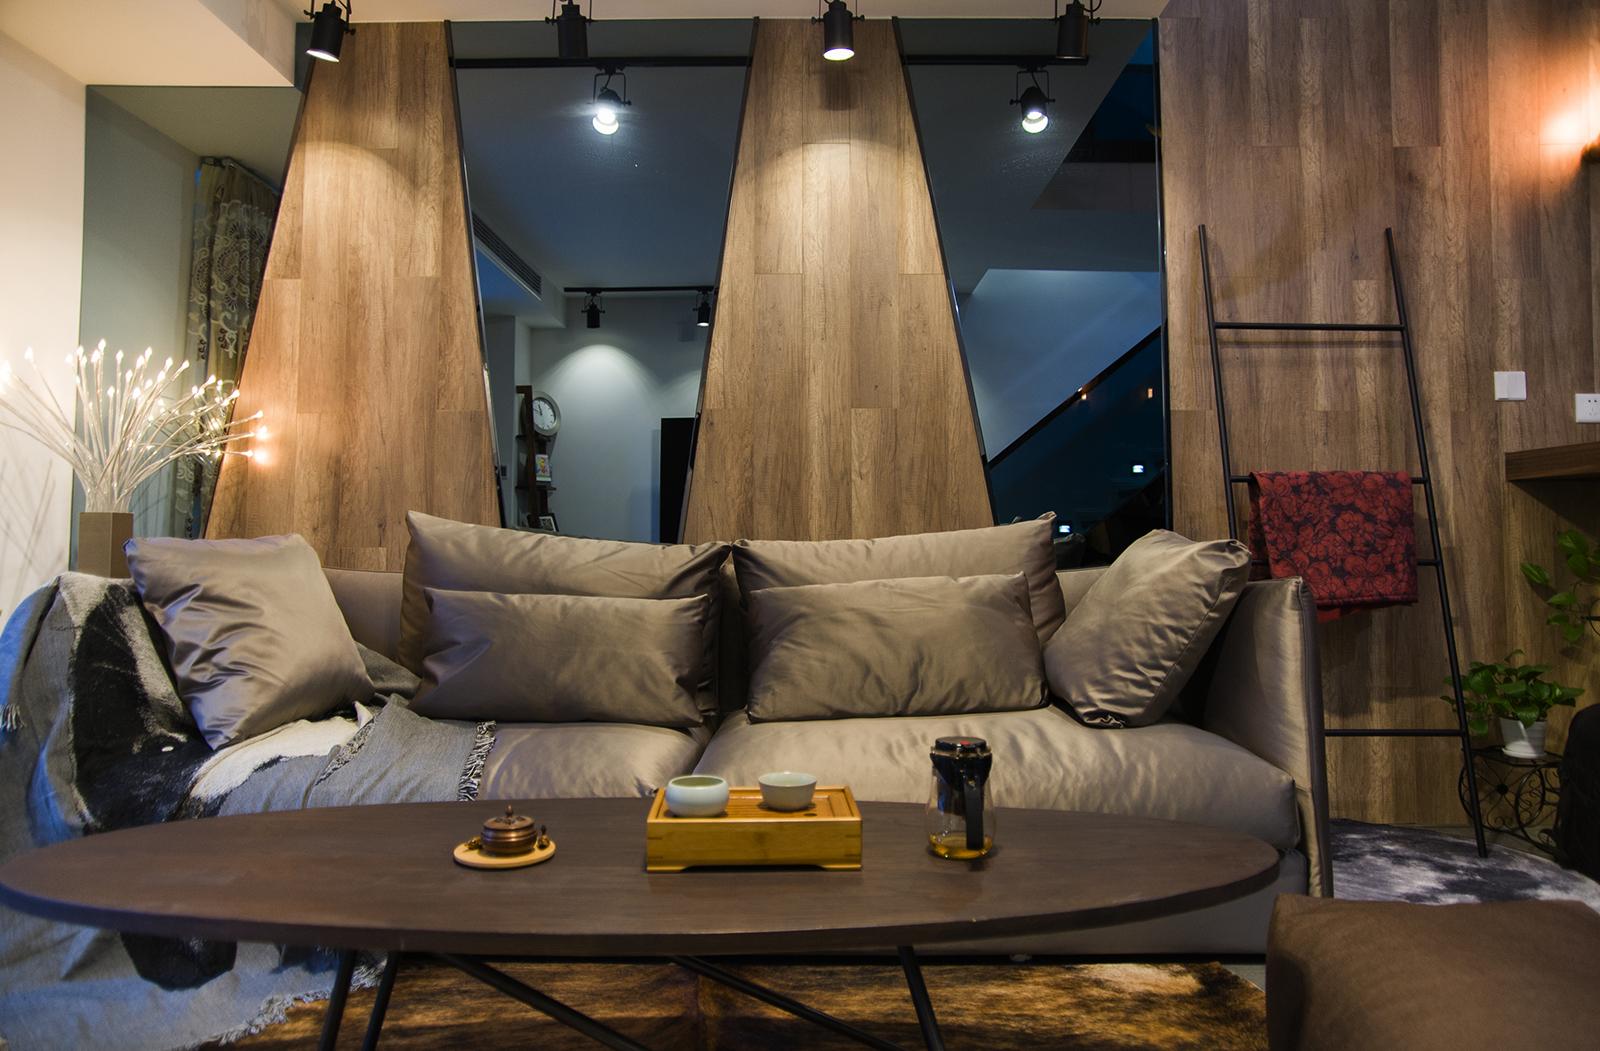 酒店式公寓装修沙发背景墙图片